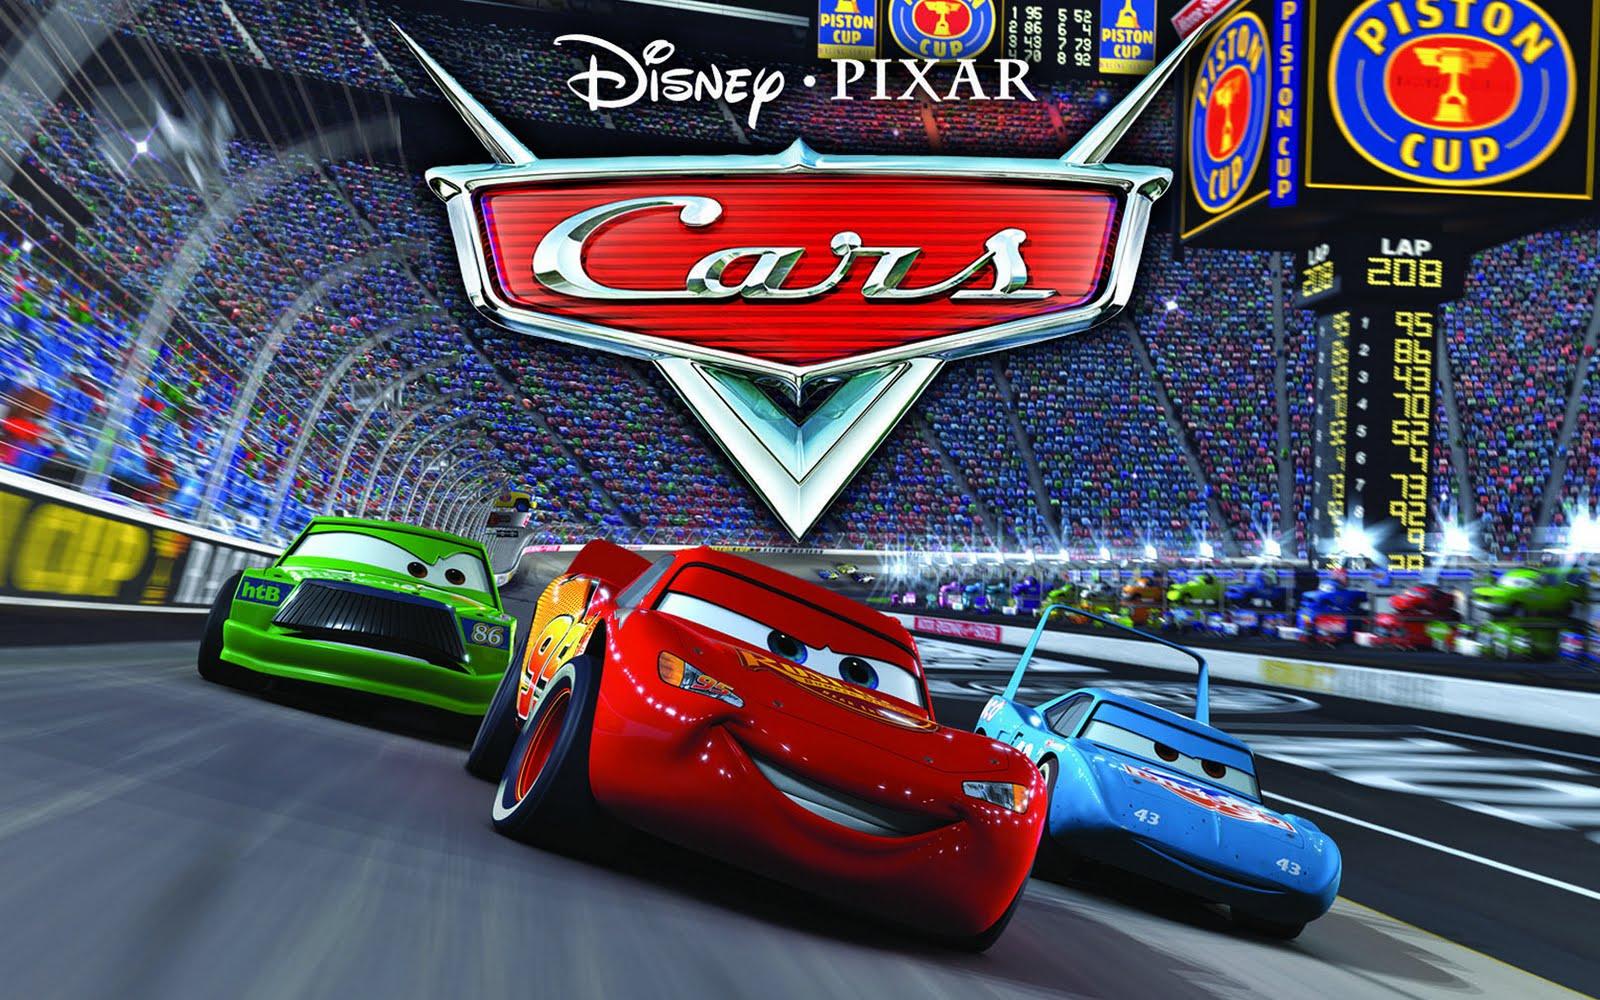 Disney Pixar Cars Lightning McQueen Wallpaper